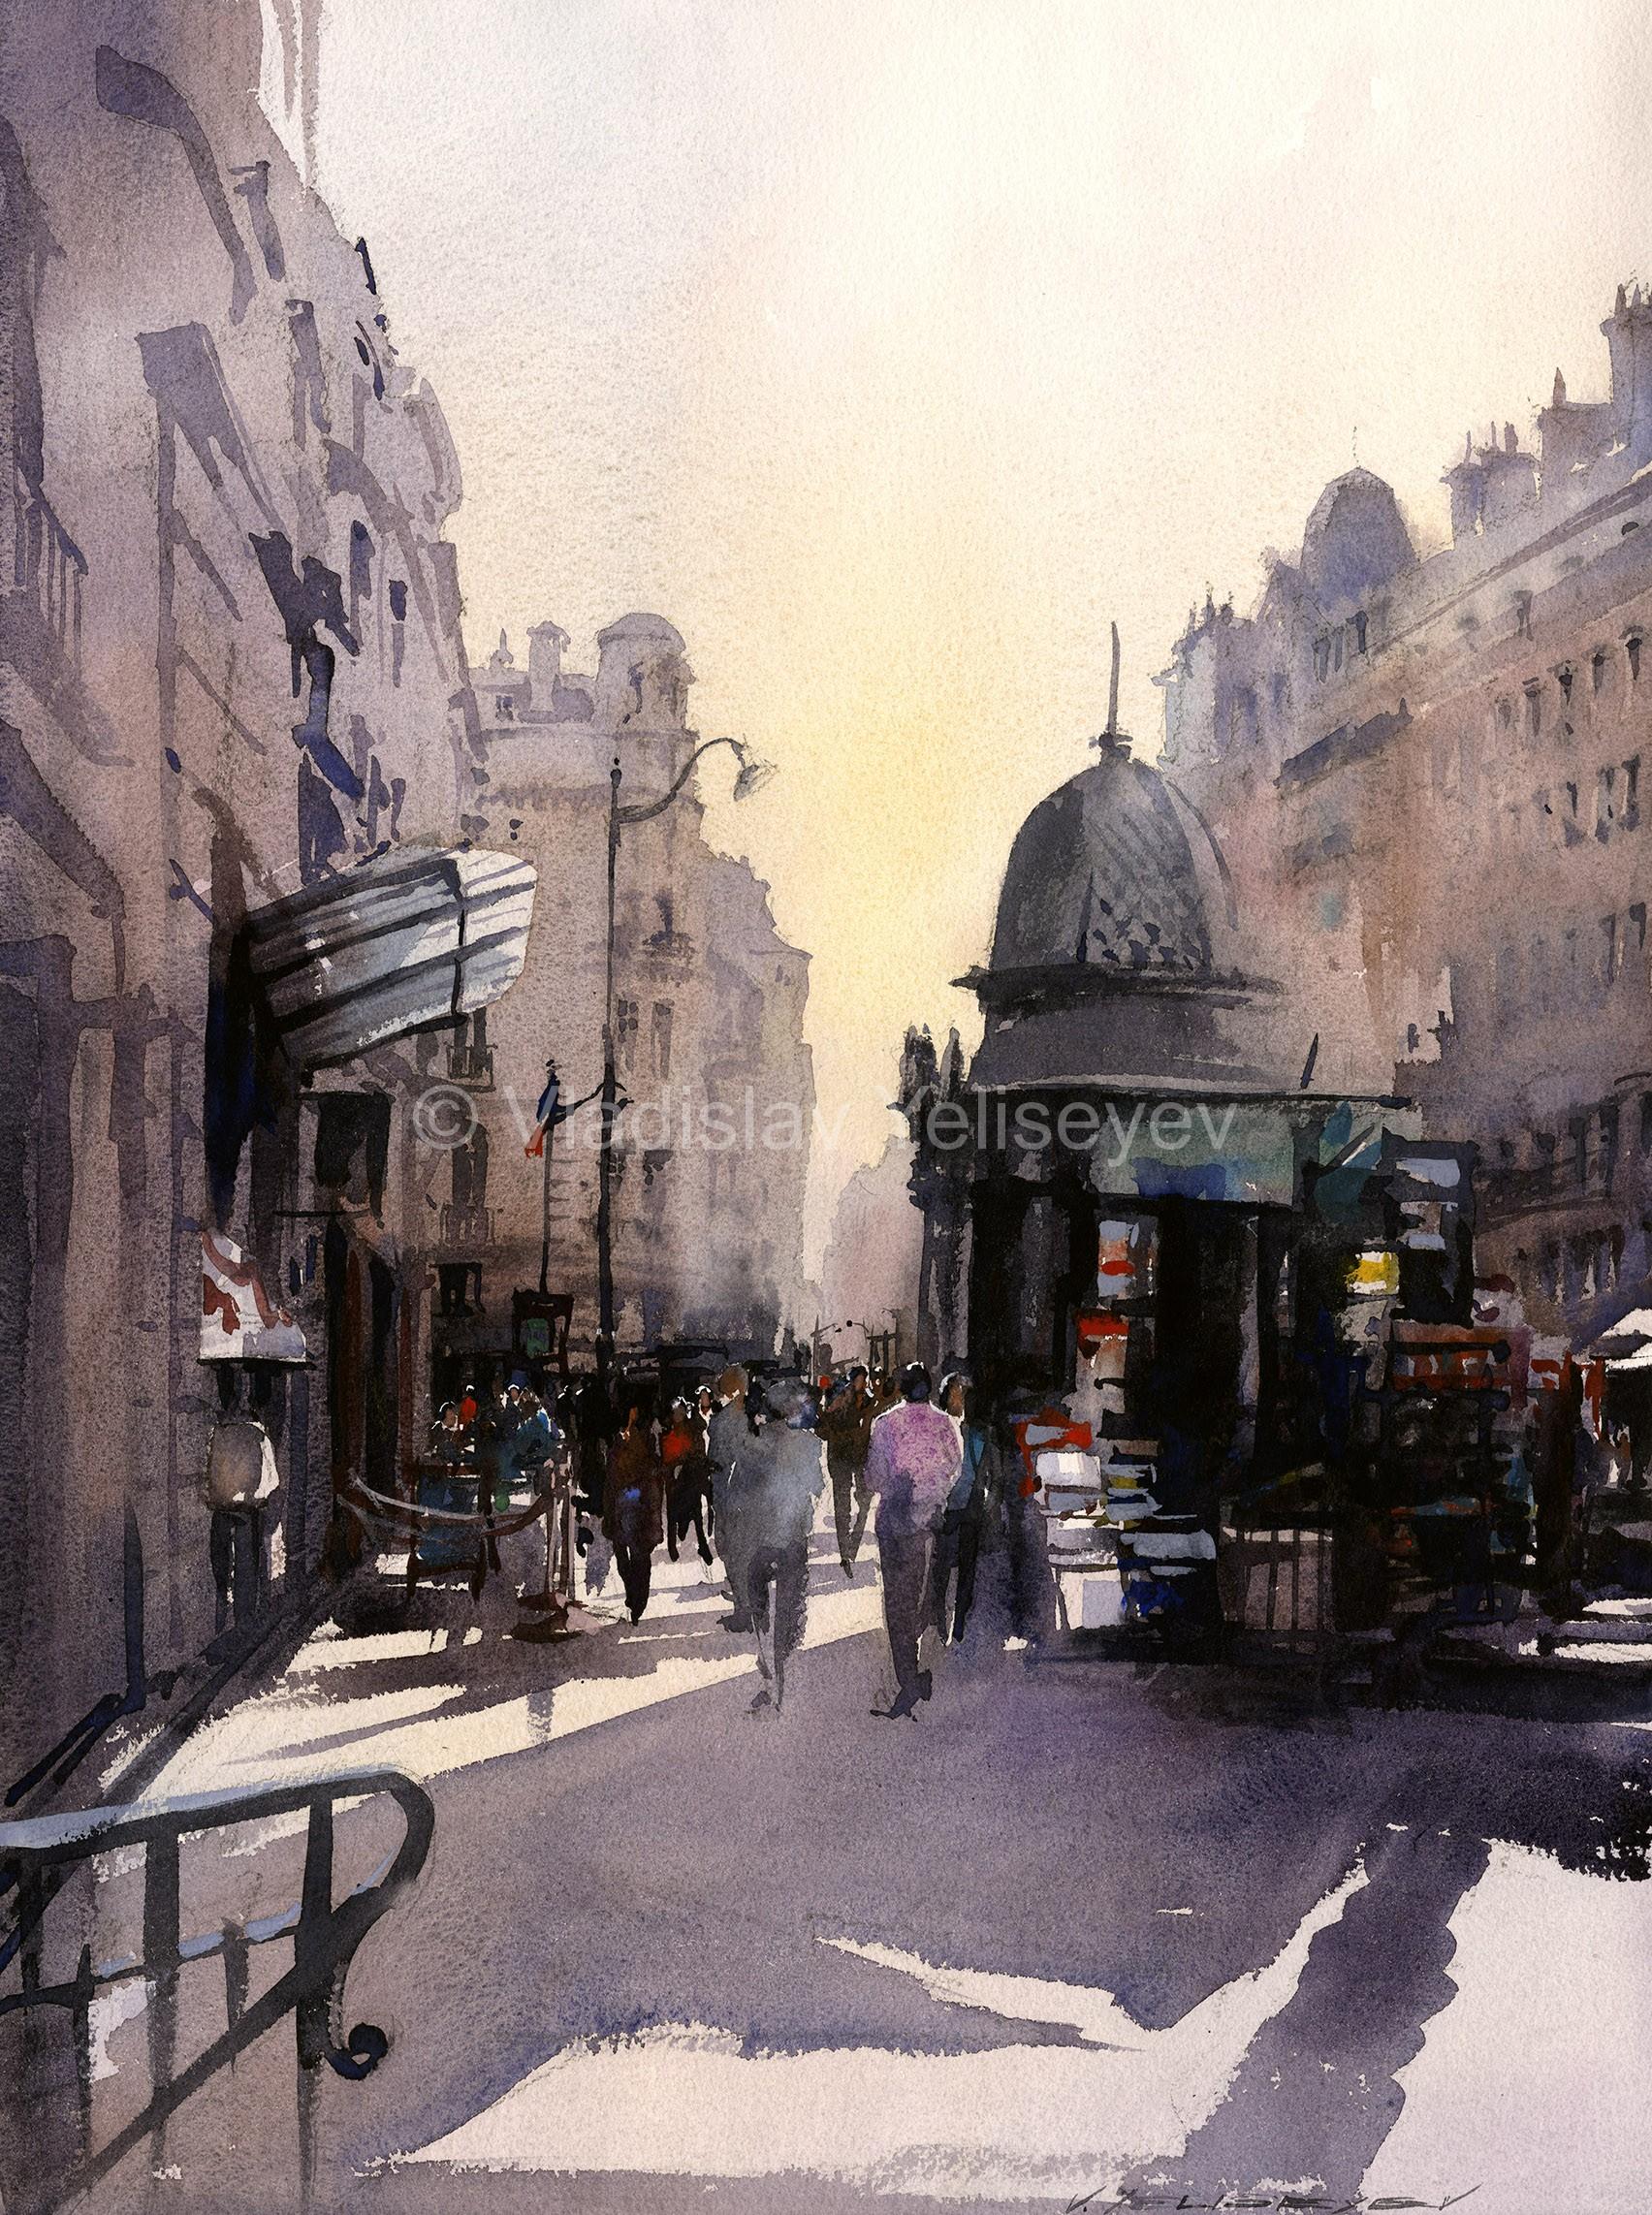 Urban Paintings Watercolor Artworks By Artist Vladislav